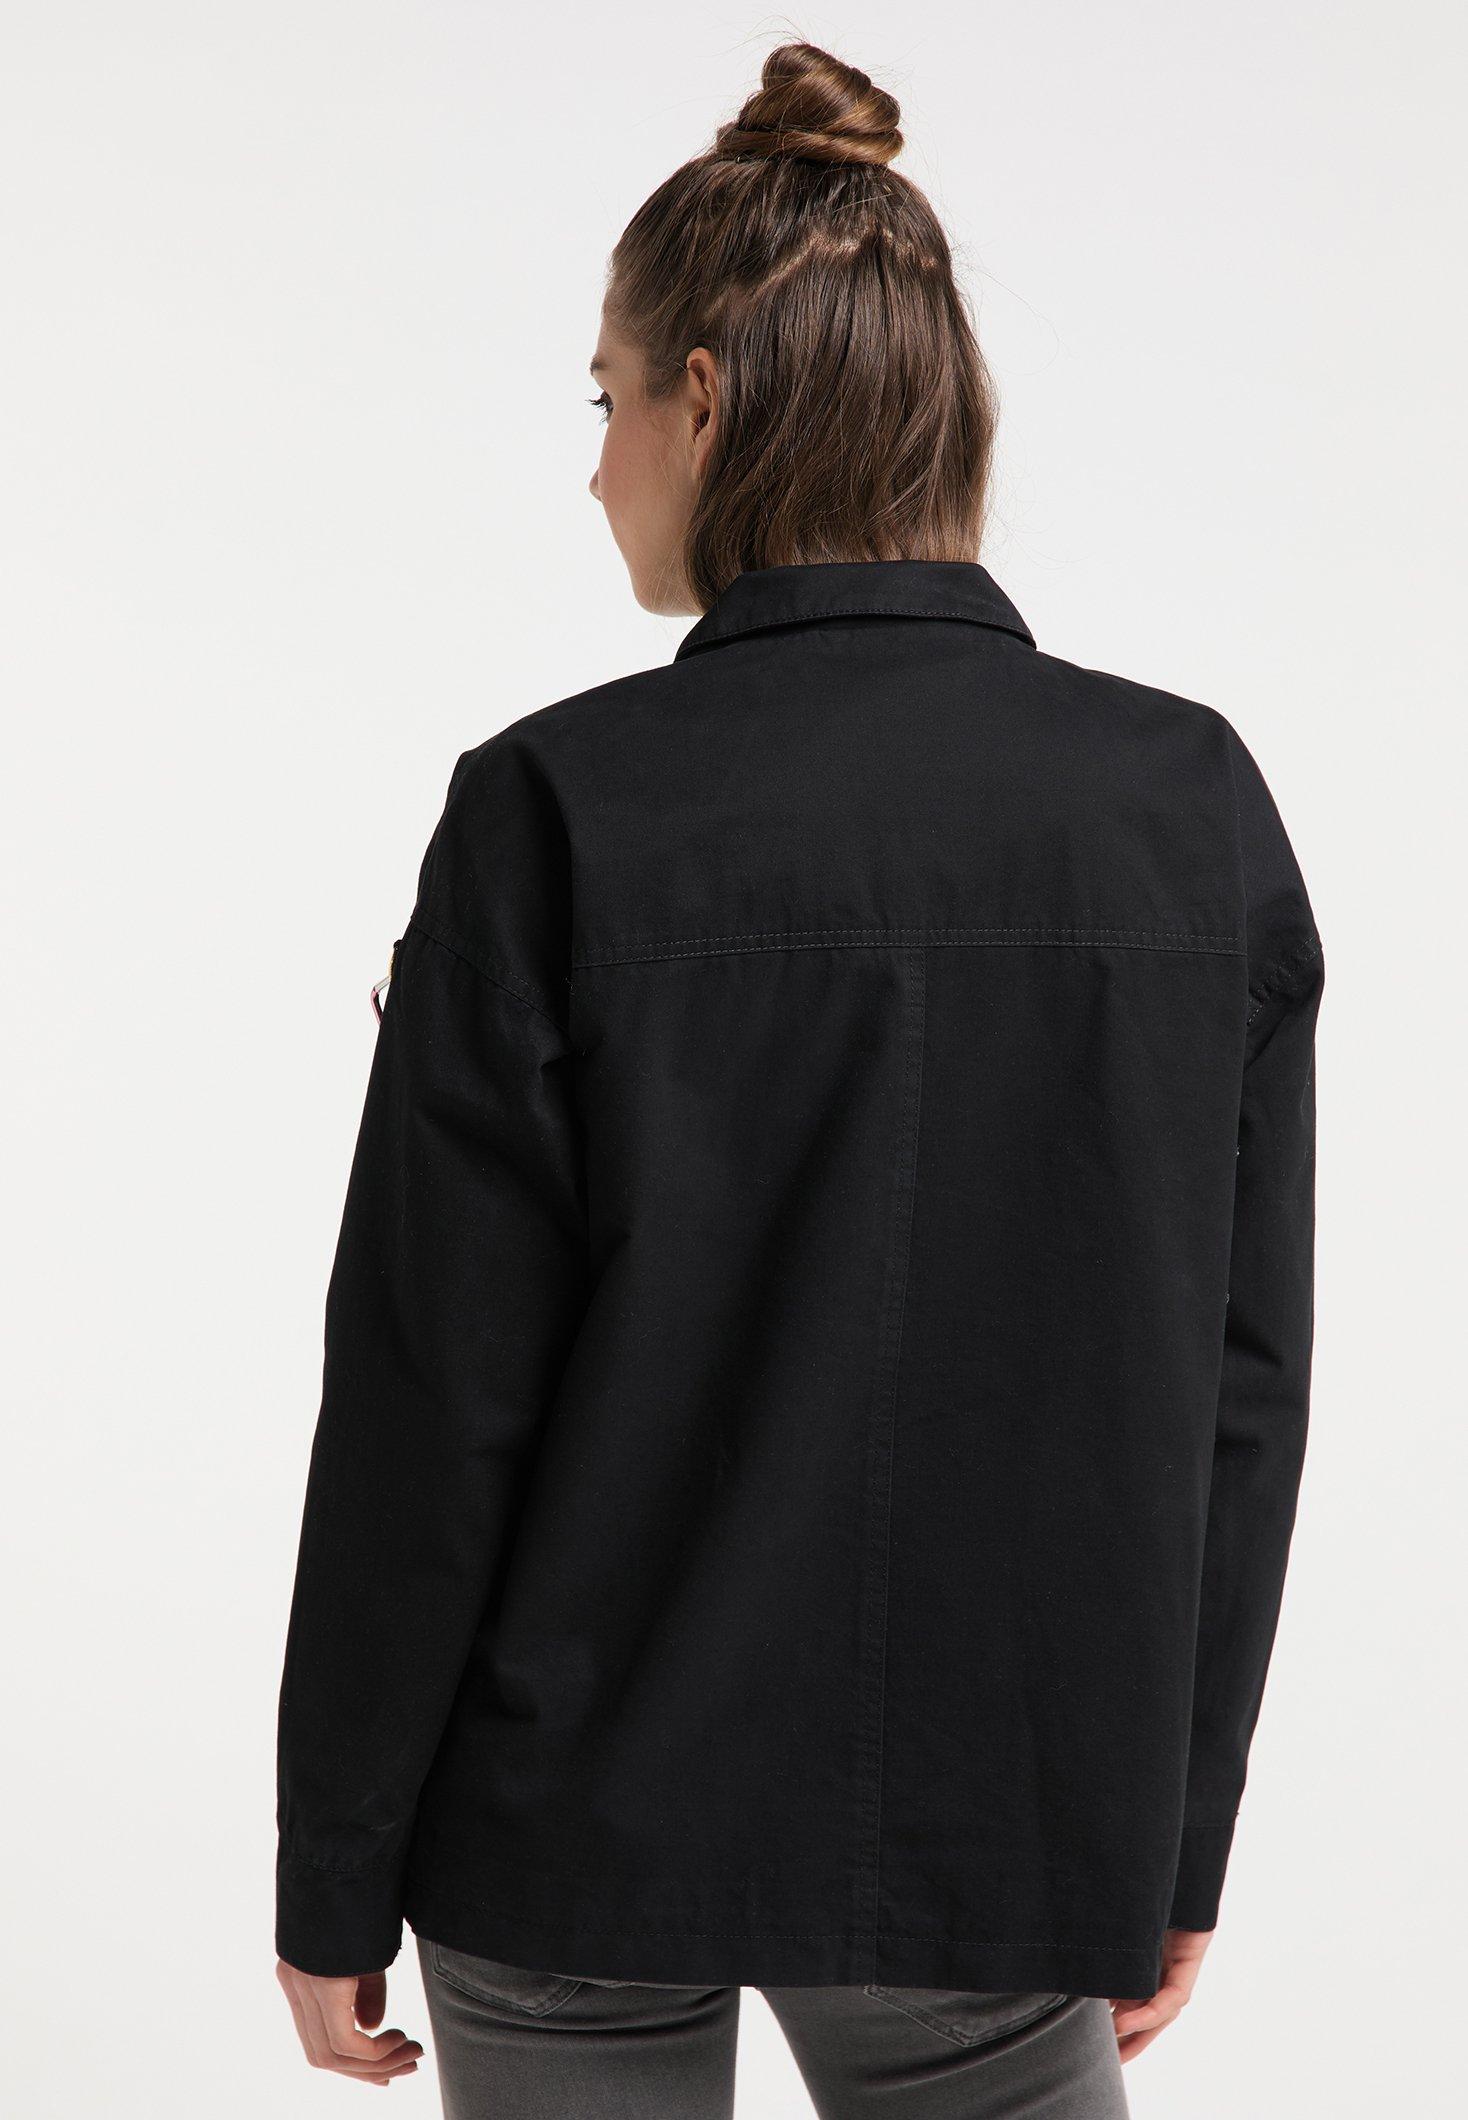 myMo Leichte Jacke black/schwarz